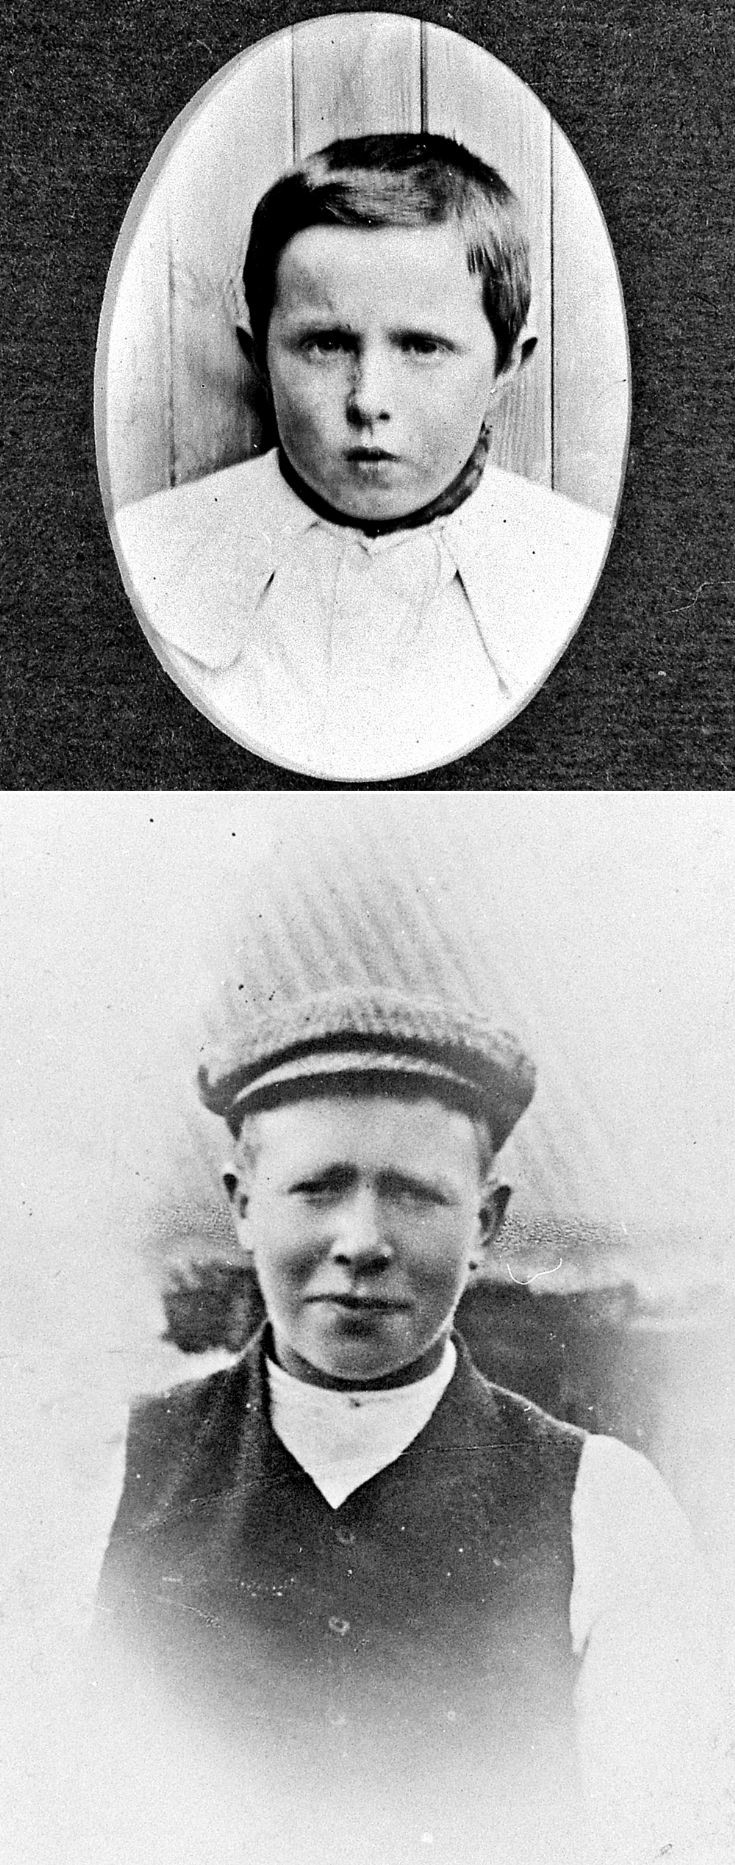 20 Top Stewart son. Bottom unknown Glenbuchat Mill